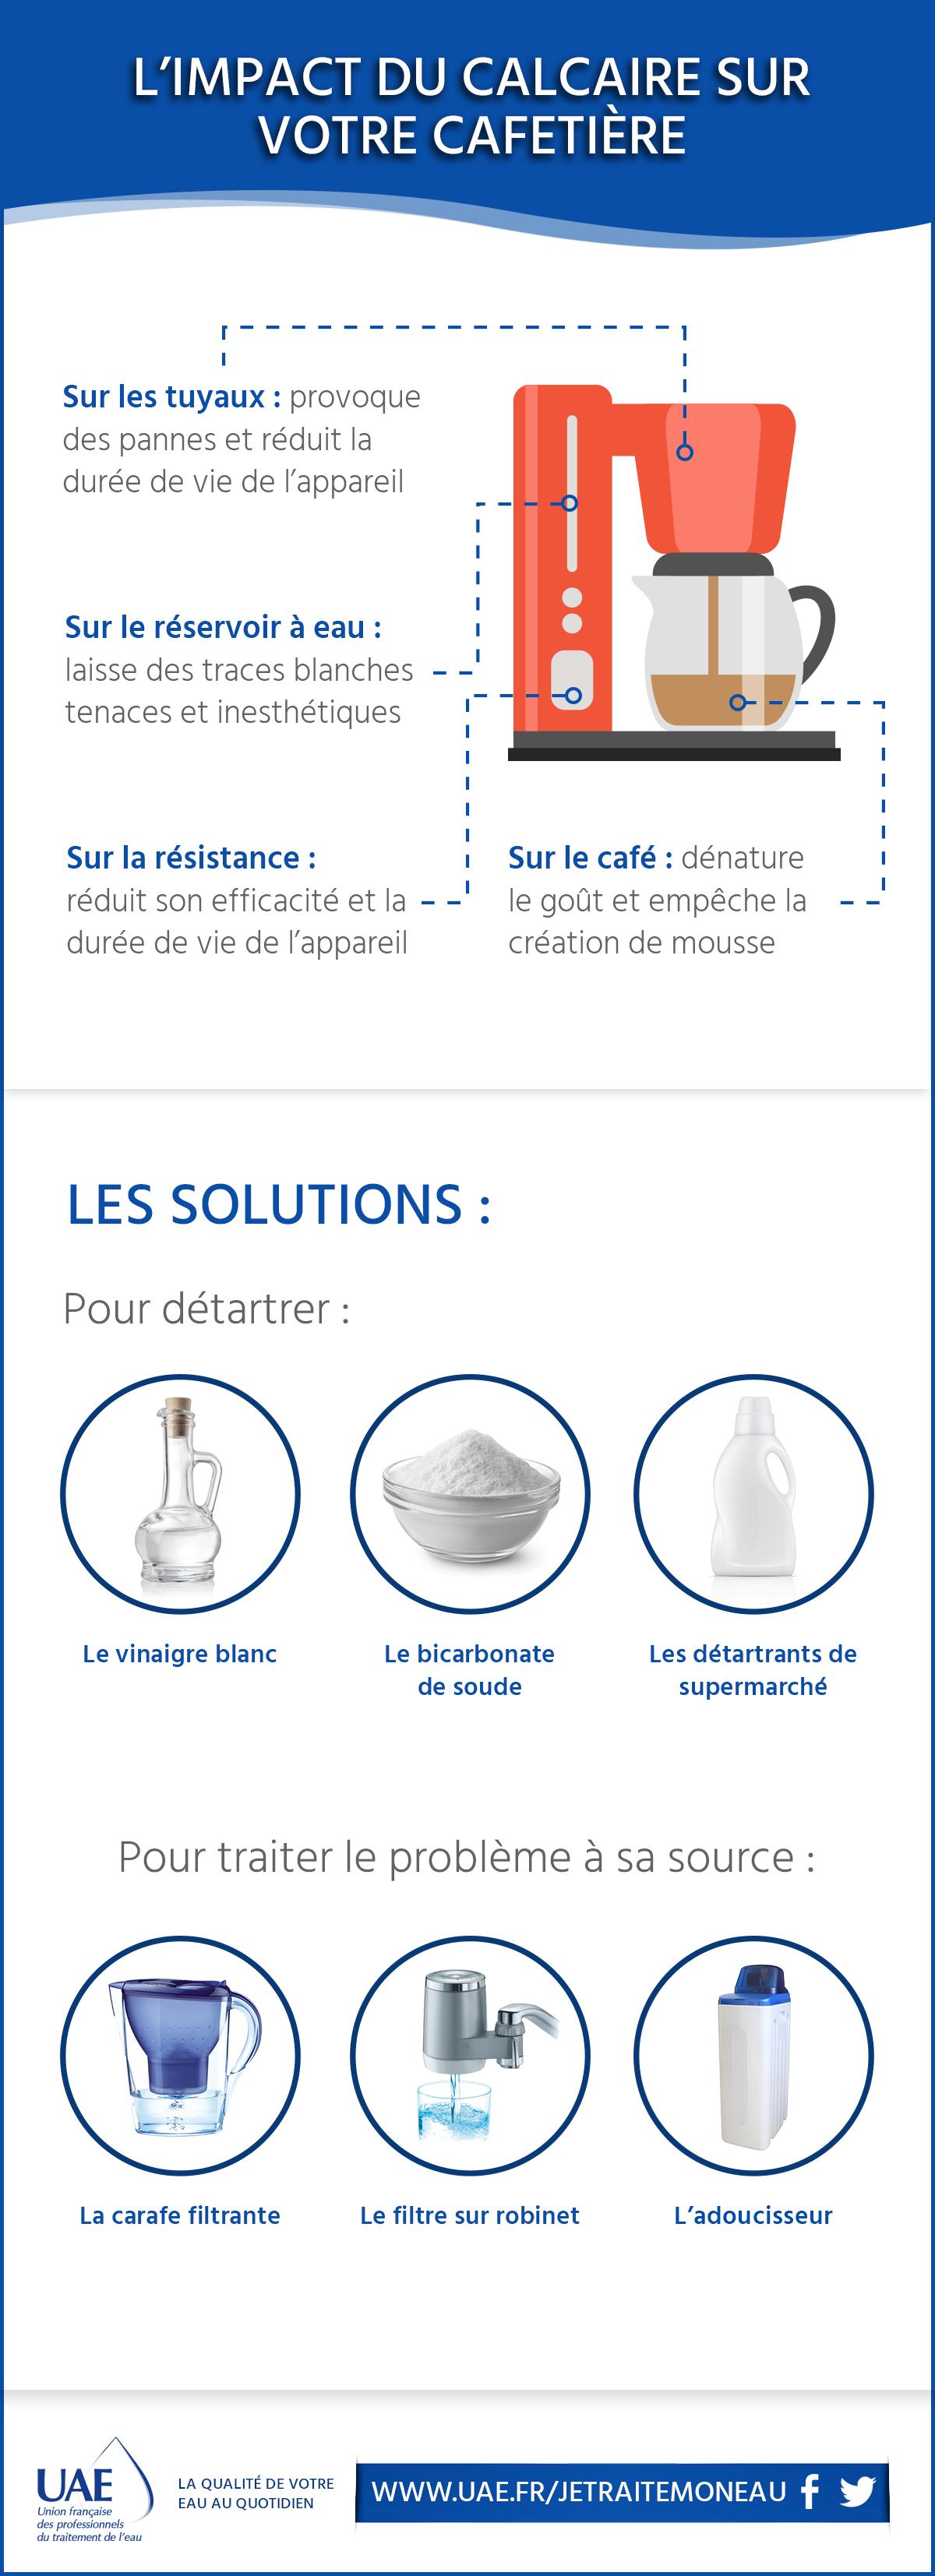 L'impact du calcaire sur les cafetière infographie